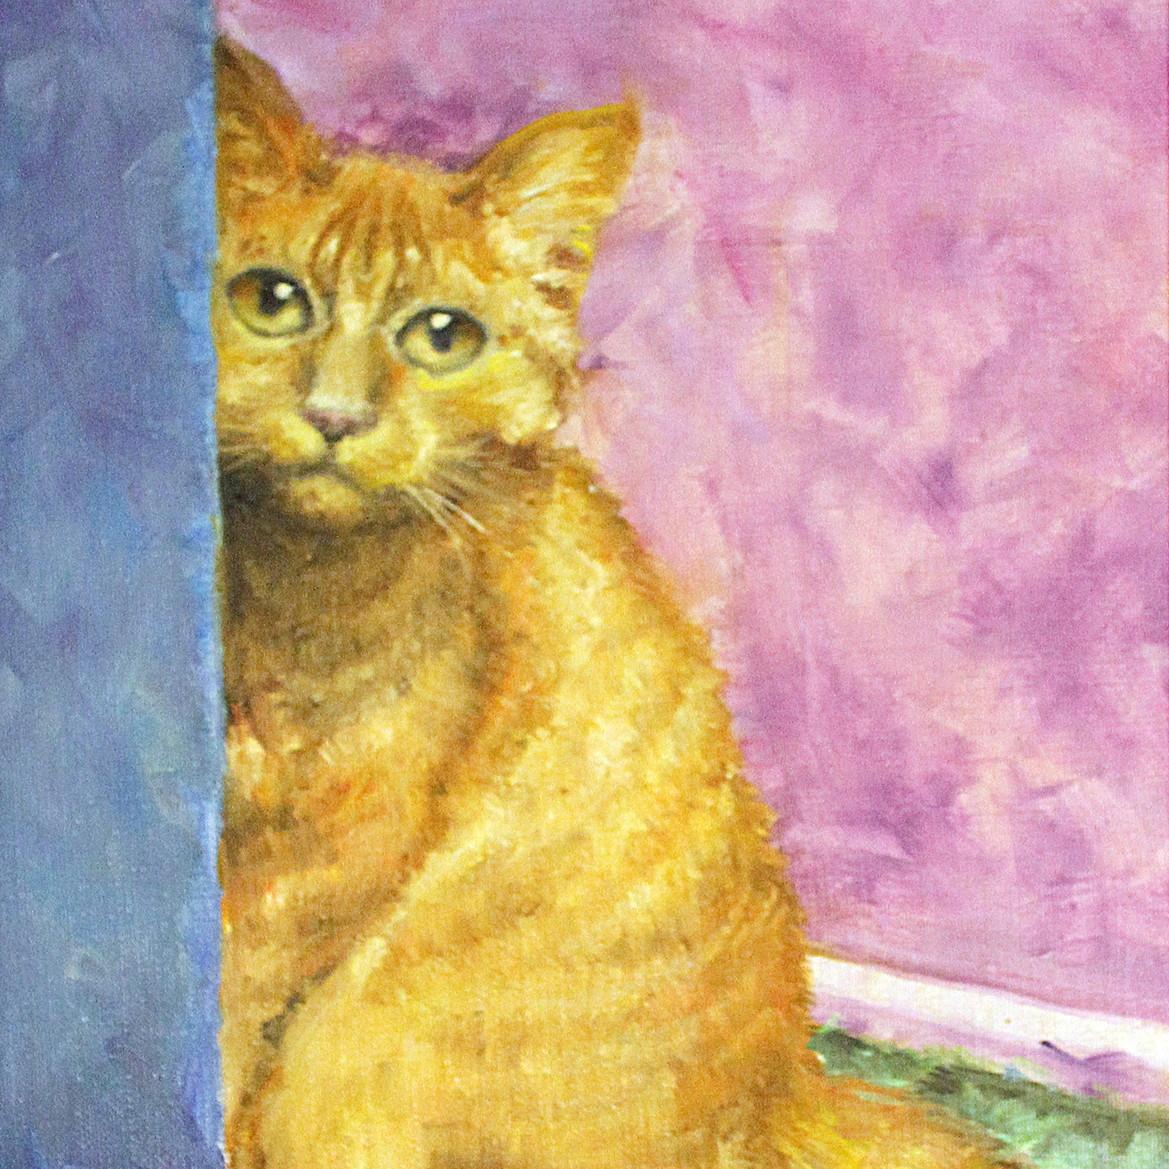 絵画 インテリア アートパネル 雑貨 壁掛け 置物 おしゃれ 油絵 水彩画 鉛筆画 猫 動物 ロココロ 画家 : Uliana ( ウリャーナ ) 作品 : u-18